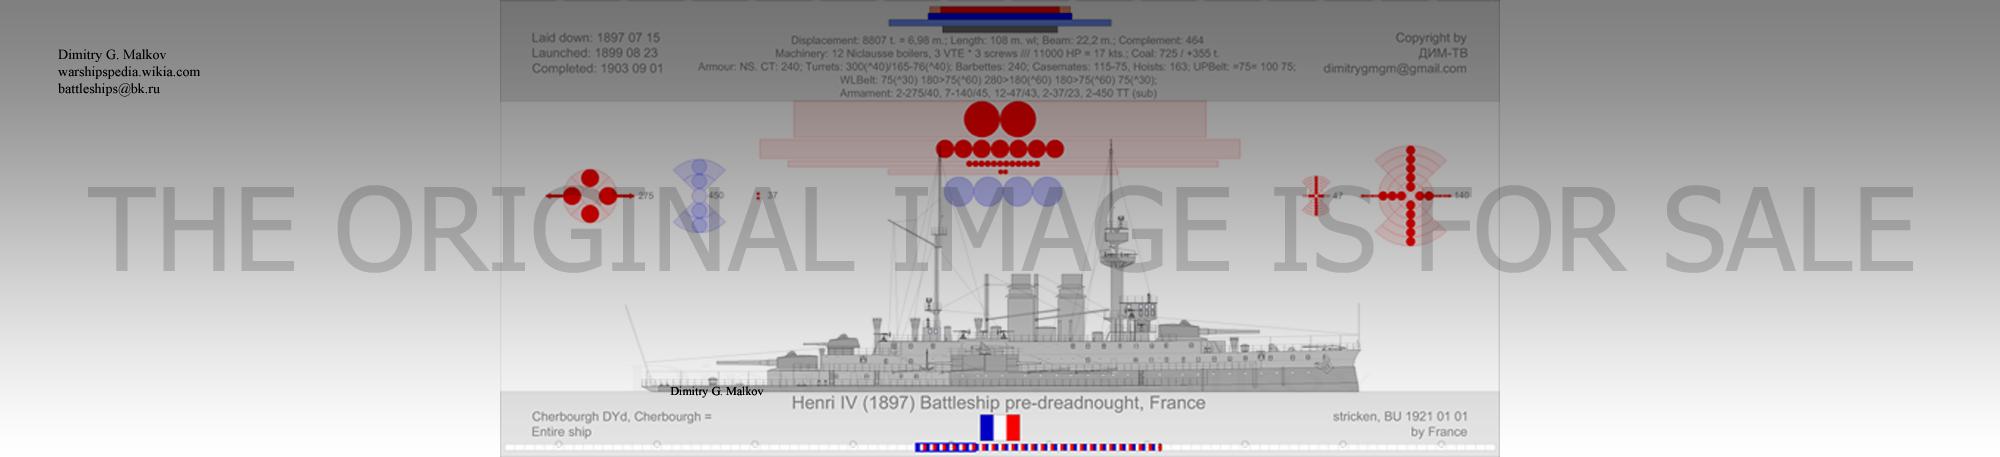 Mes dessins des navires francais - Page 6 Bb-18918